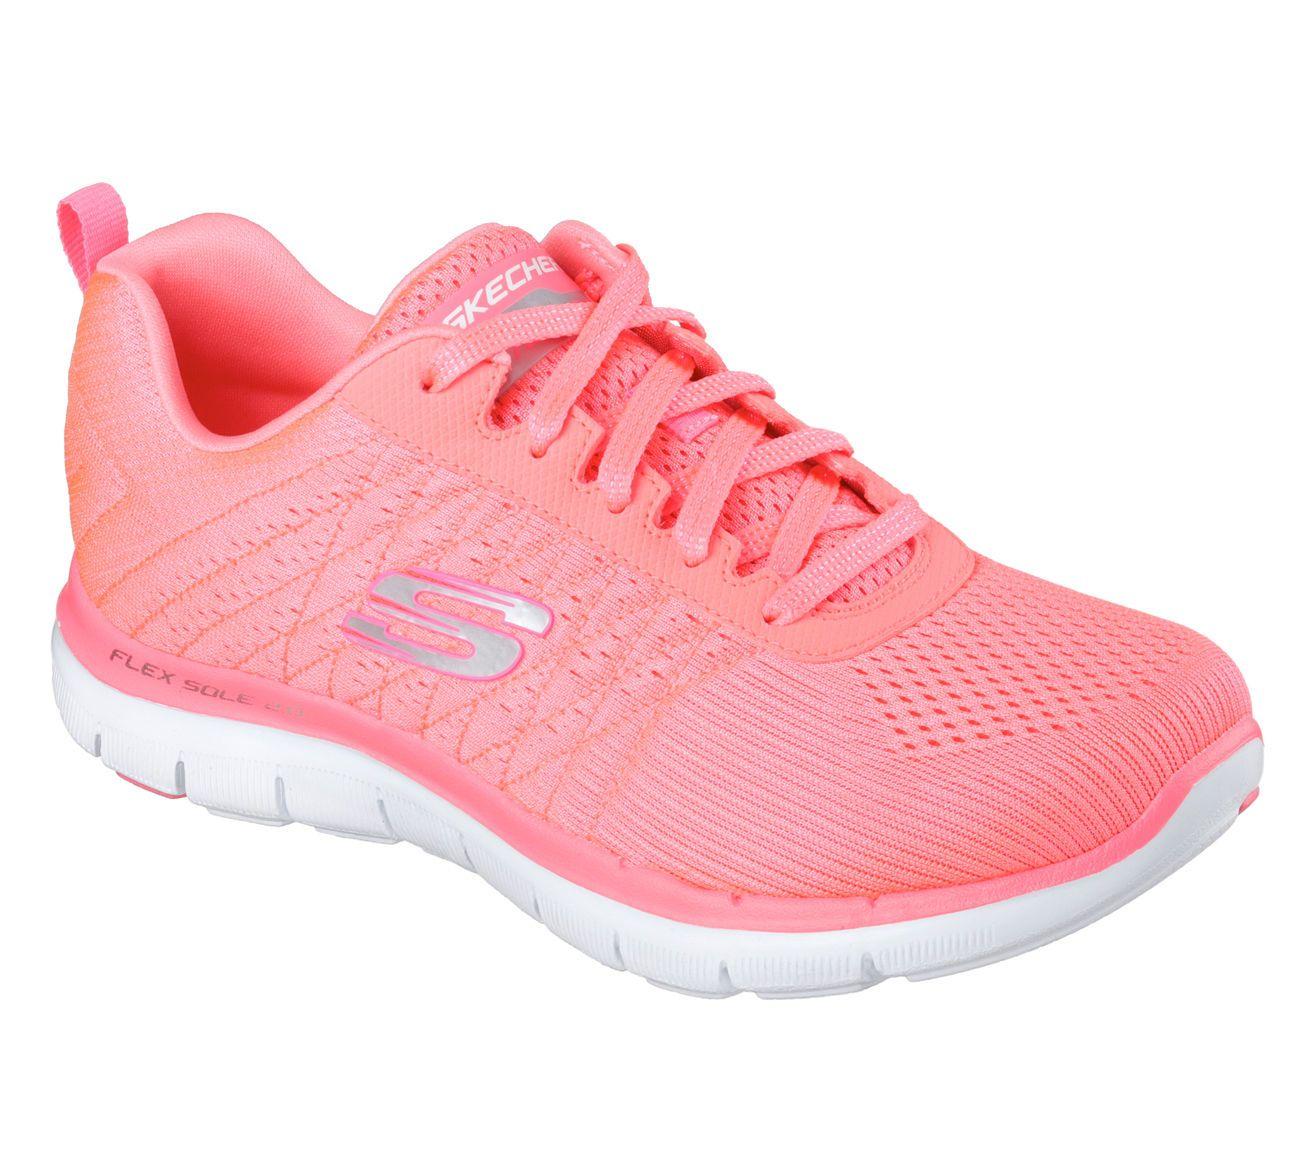 12775 Light Pink Skechers shoe Women Memory Foam Sport Train